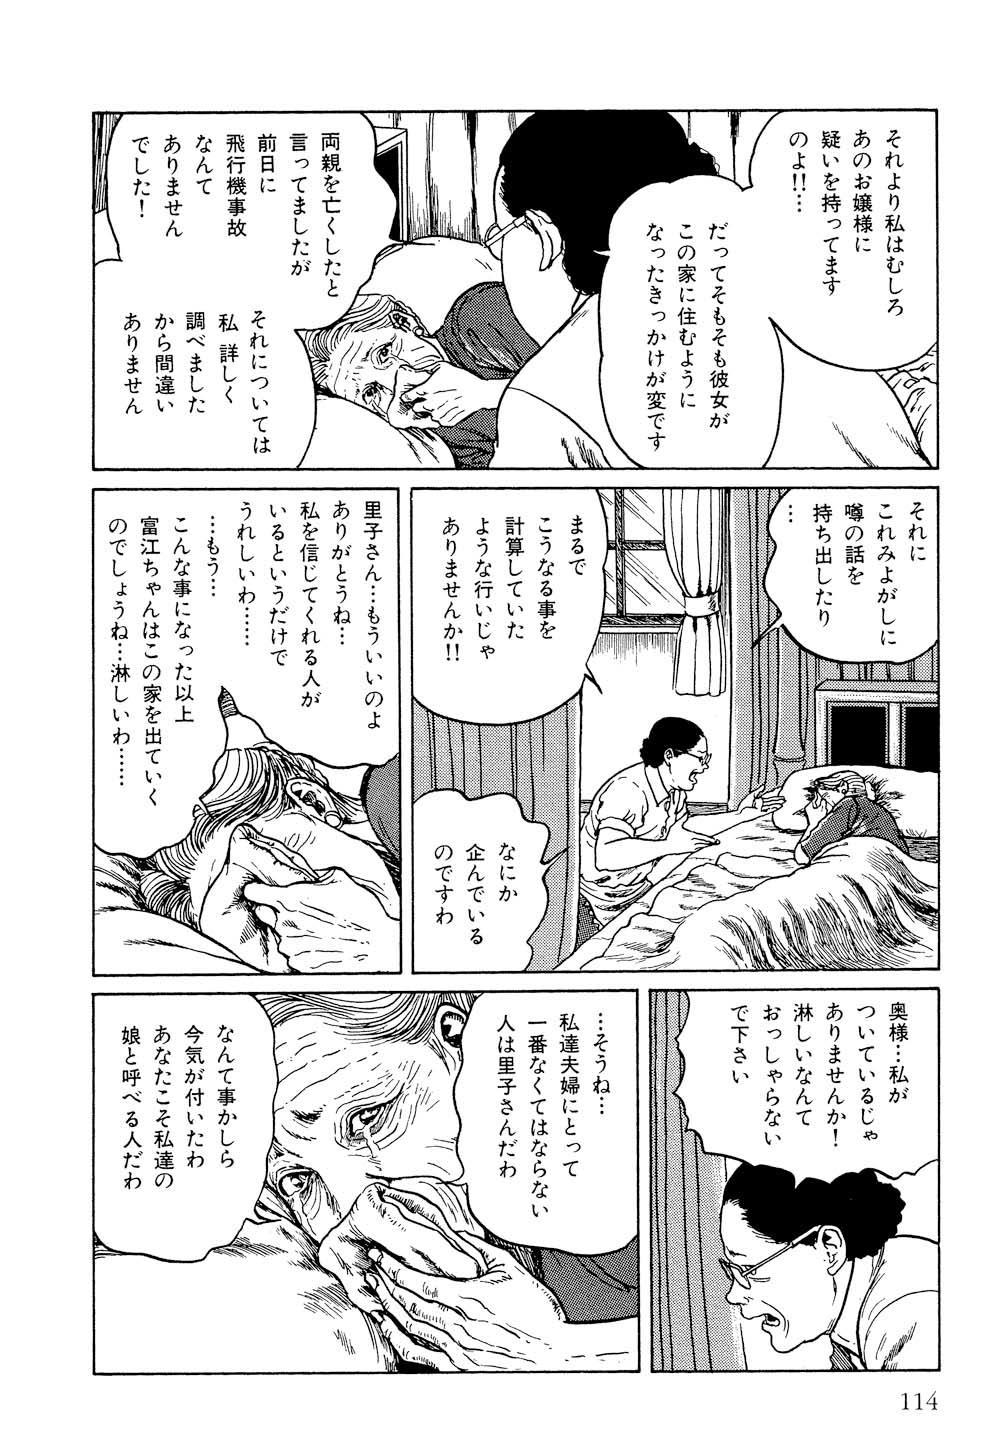 itouj_0002_0116.jpg